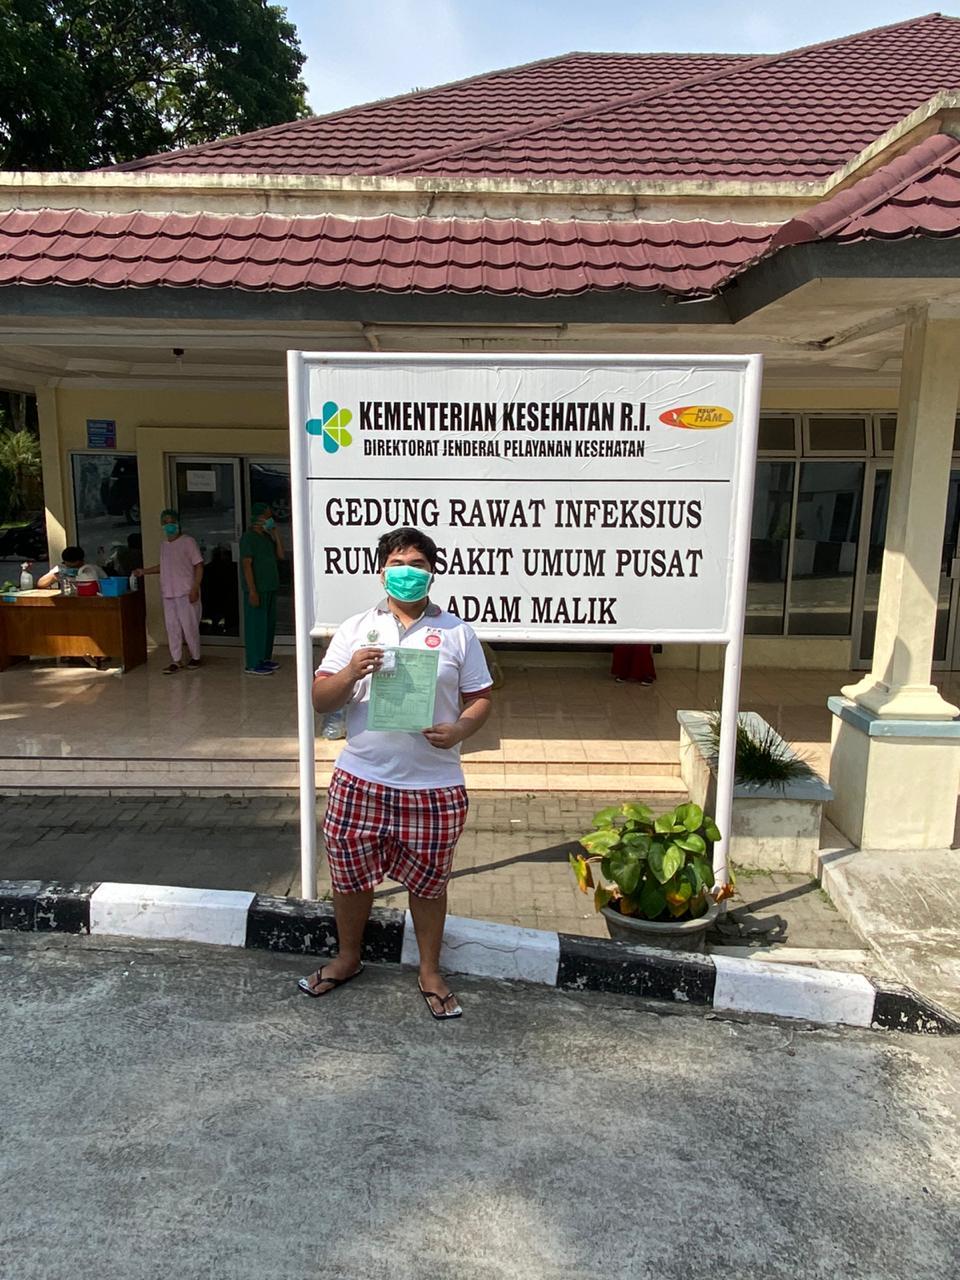 Alhamdulillah, Anggota DPRD Sumut Aulia Telah Sembuh dari Covid-19